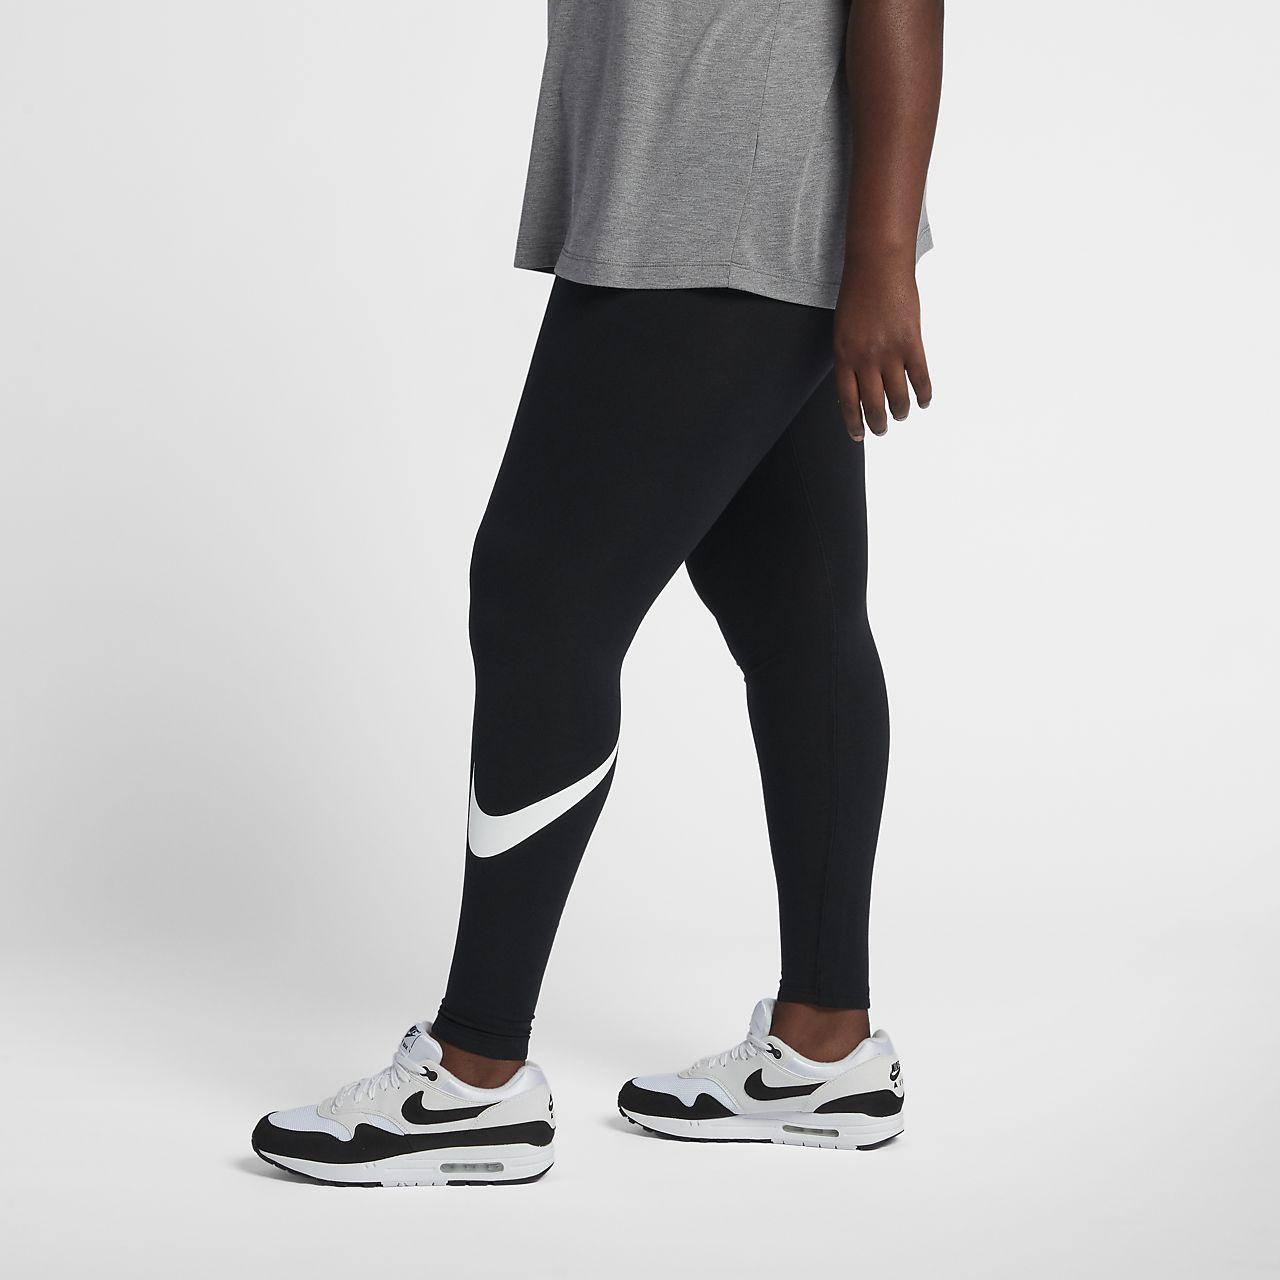 Leggings Nike Sportswear för kvinnor (stora storlekar)